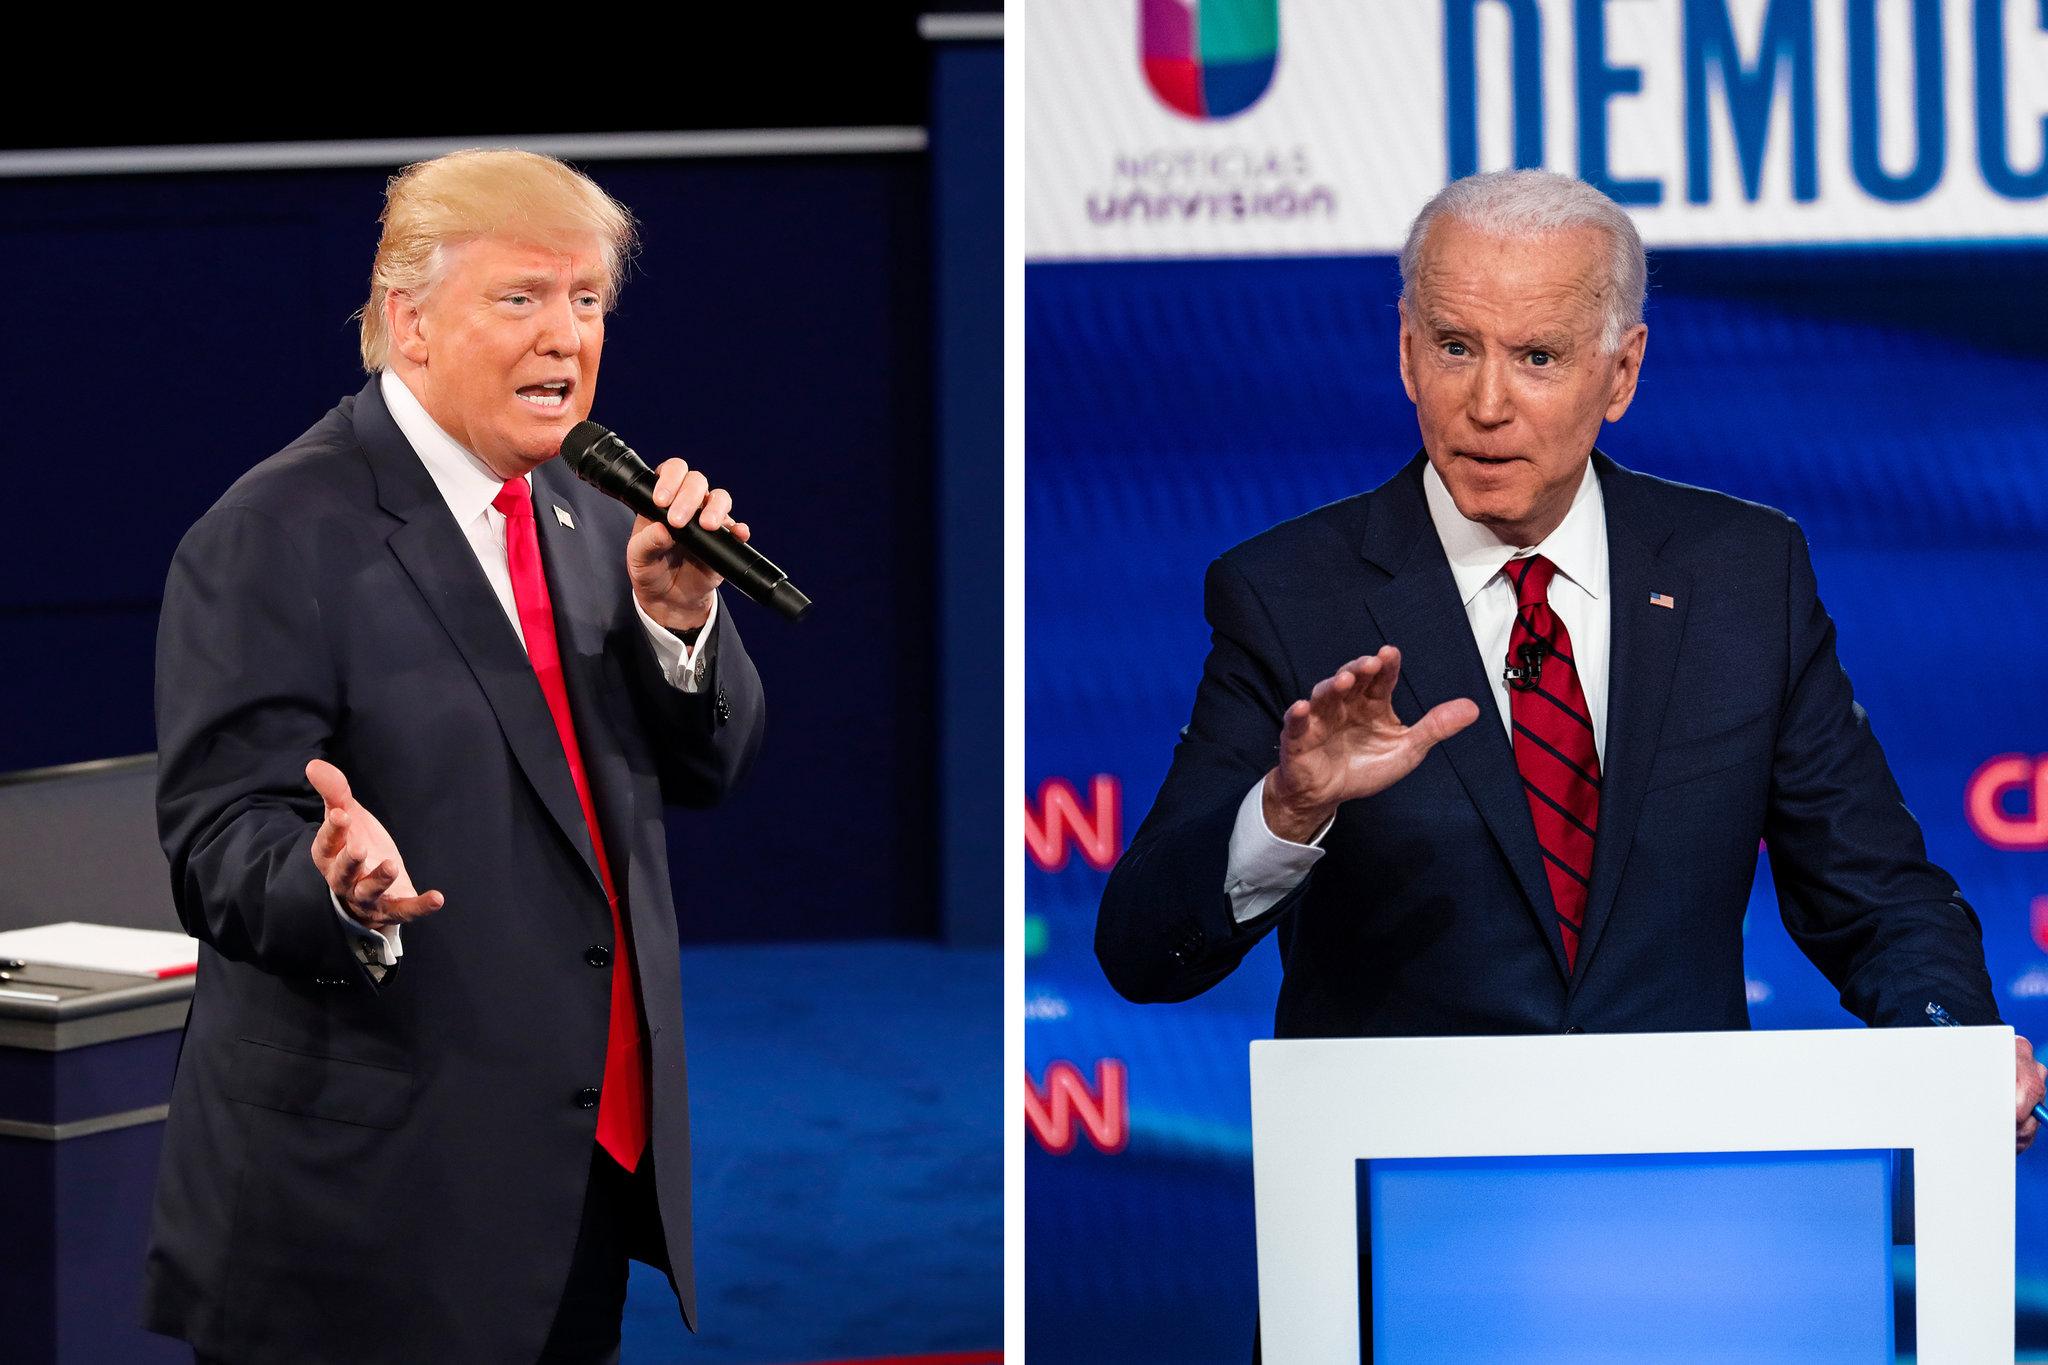 Ông Trump đề nghị xét nghiệm ma túy trước khi tranh luận vì nghi ngờ thành tích của ông Biden - Ảnh 2.